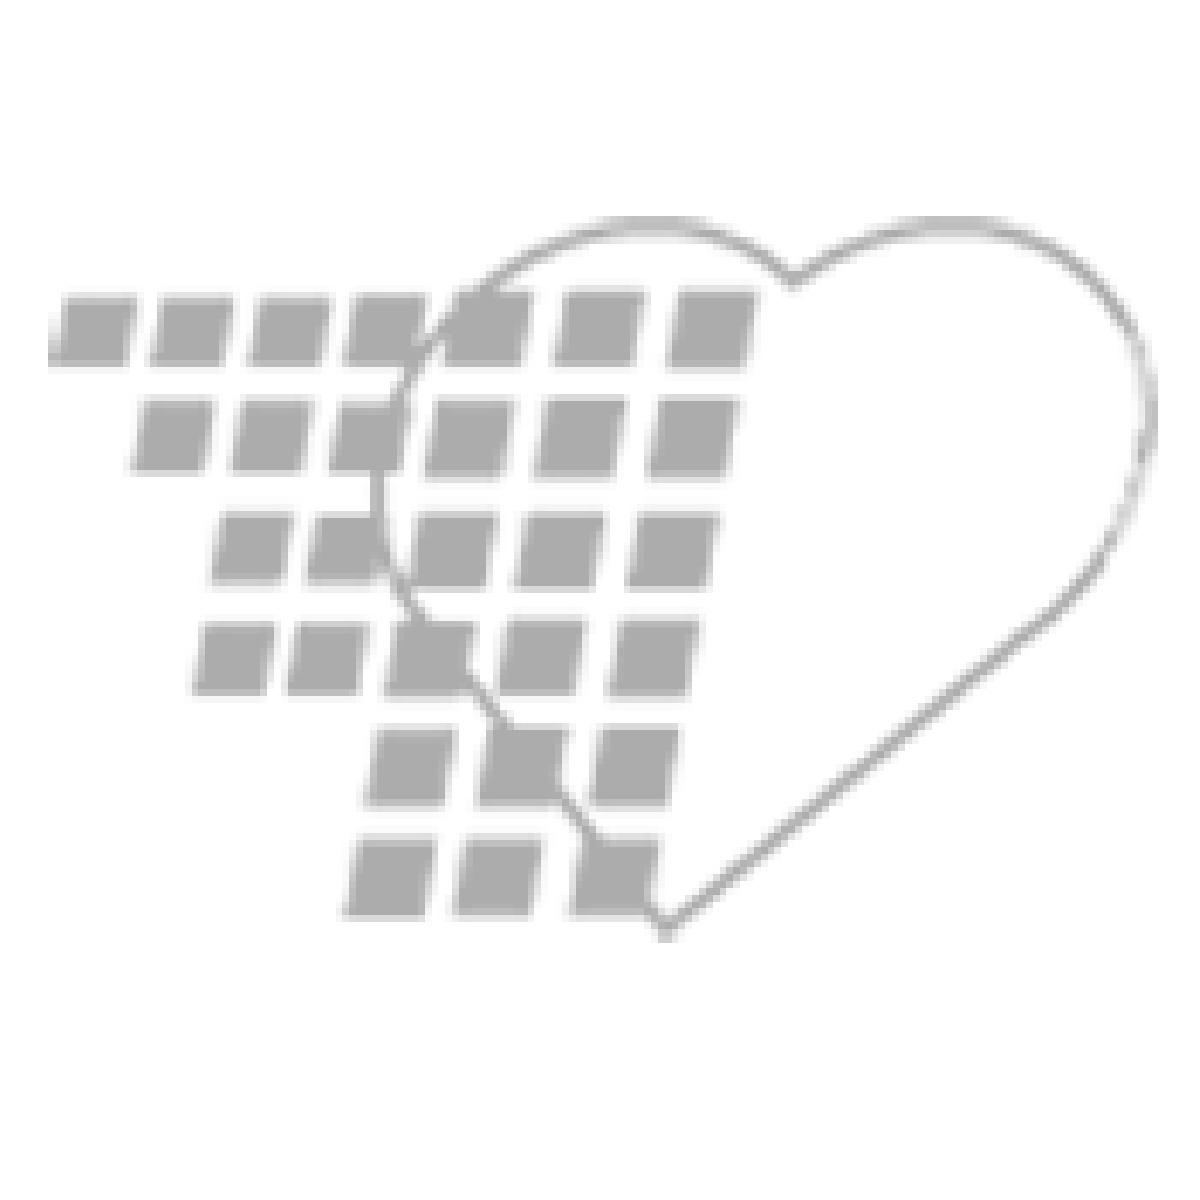 08-56-0315 Magill Catheter Forceps - Child